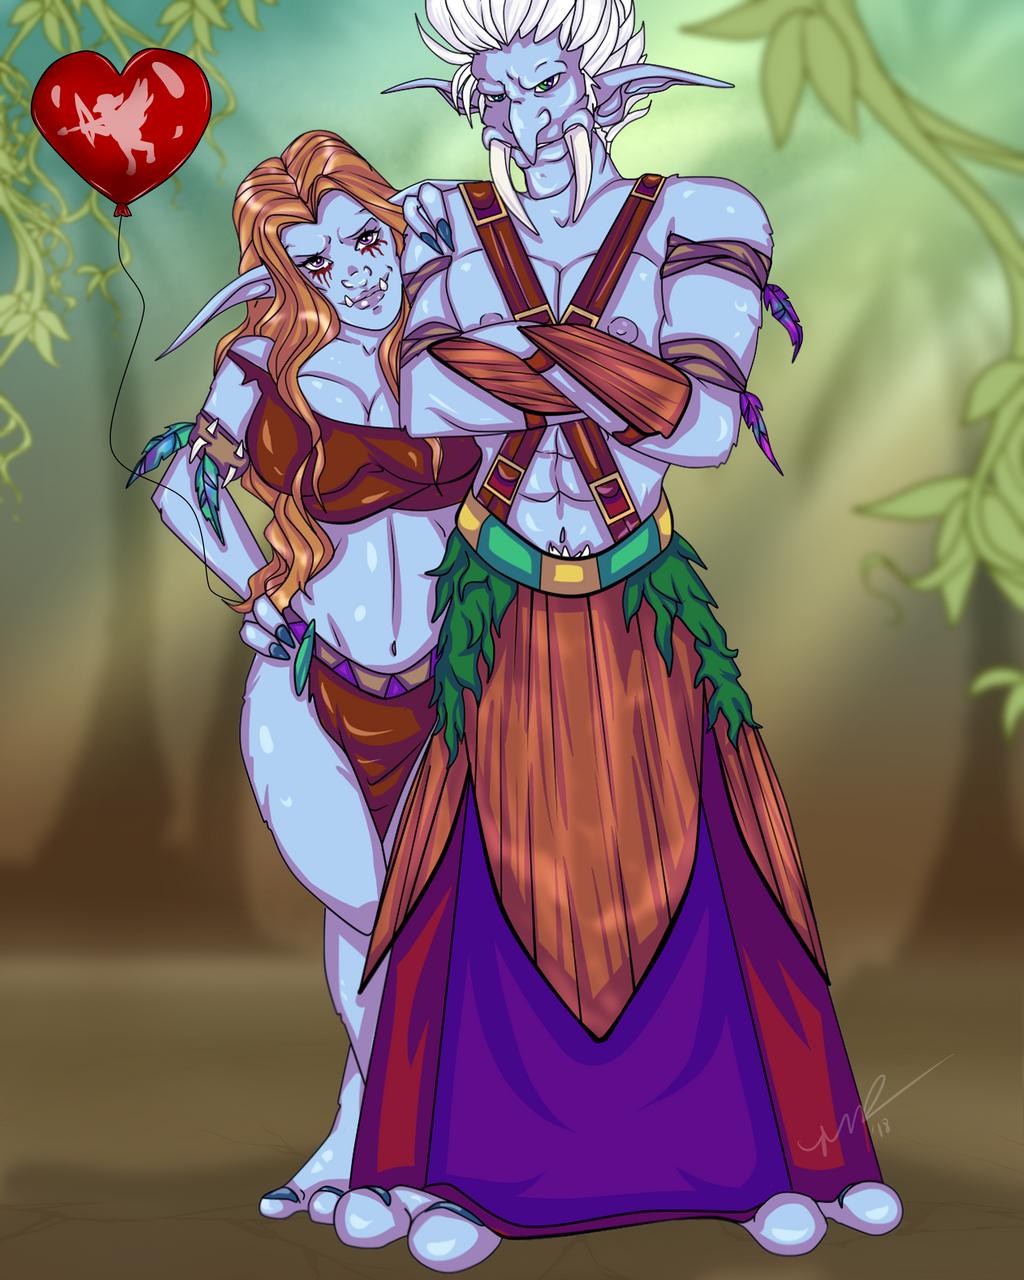 Tagli'boo and Zonra by Musing-Zero